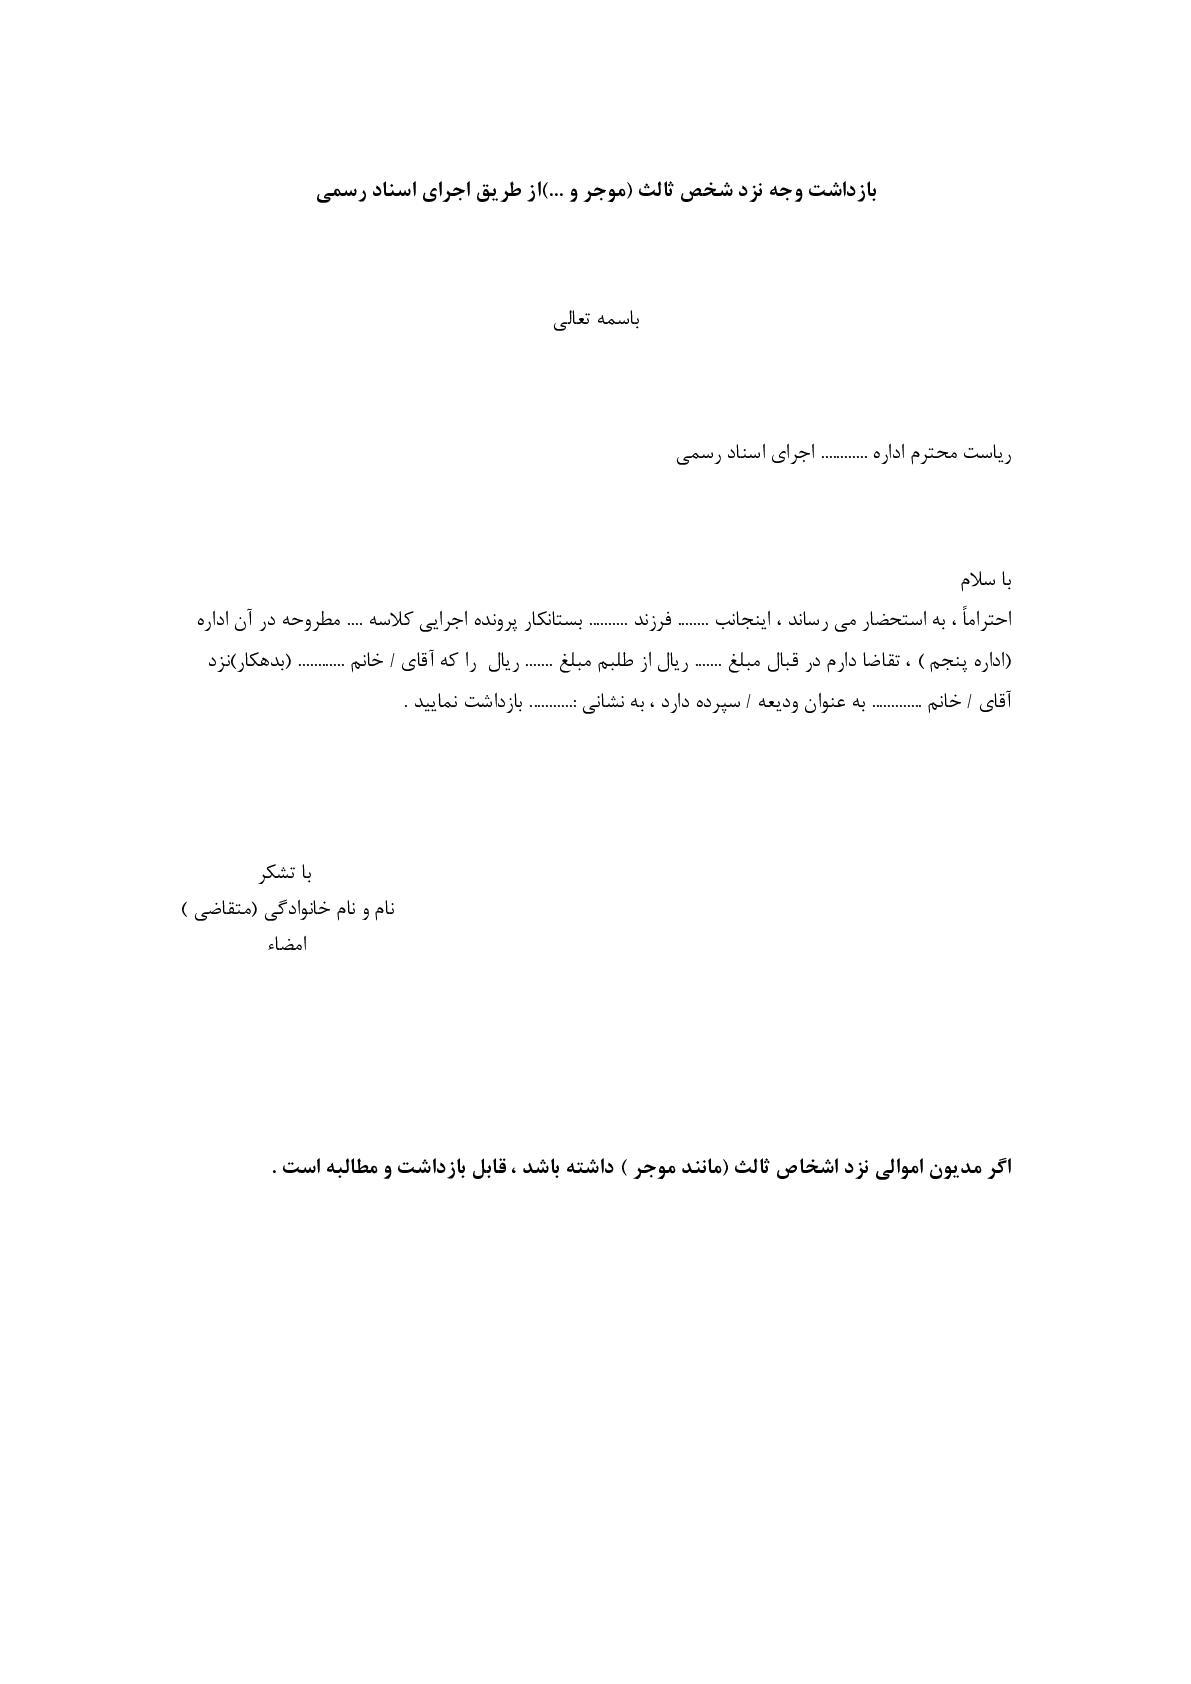 بازداشت وجه نزد شخص ثالث (موجر و ...)از طریق اجرای اسناد رسمی